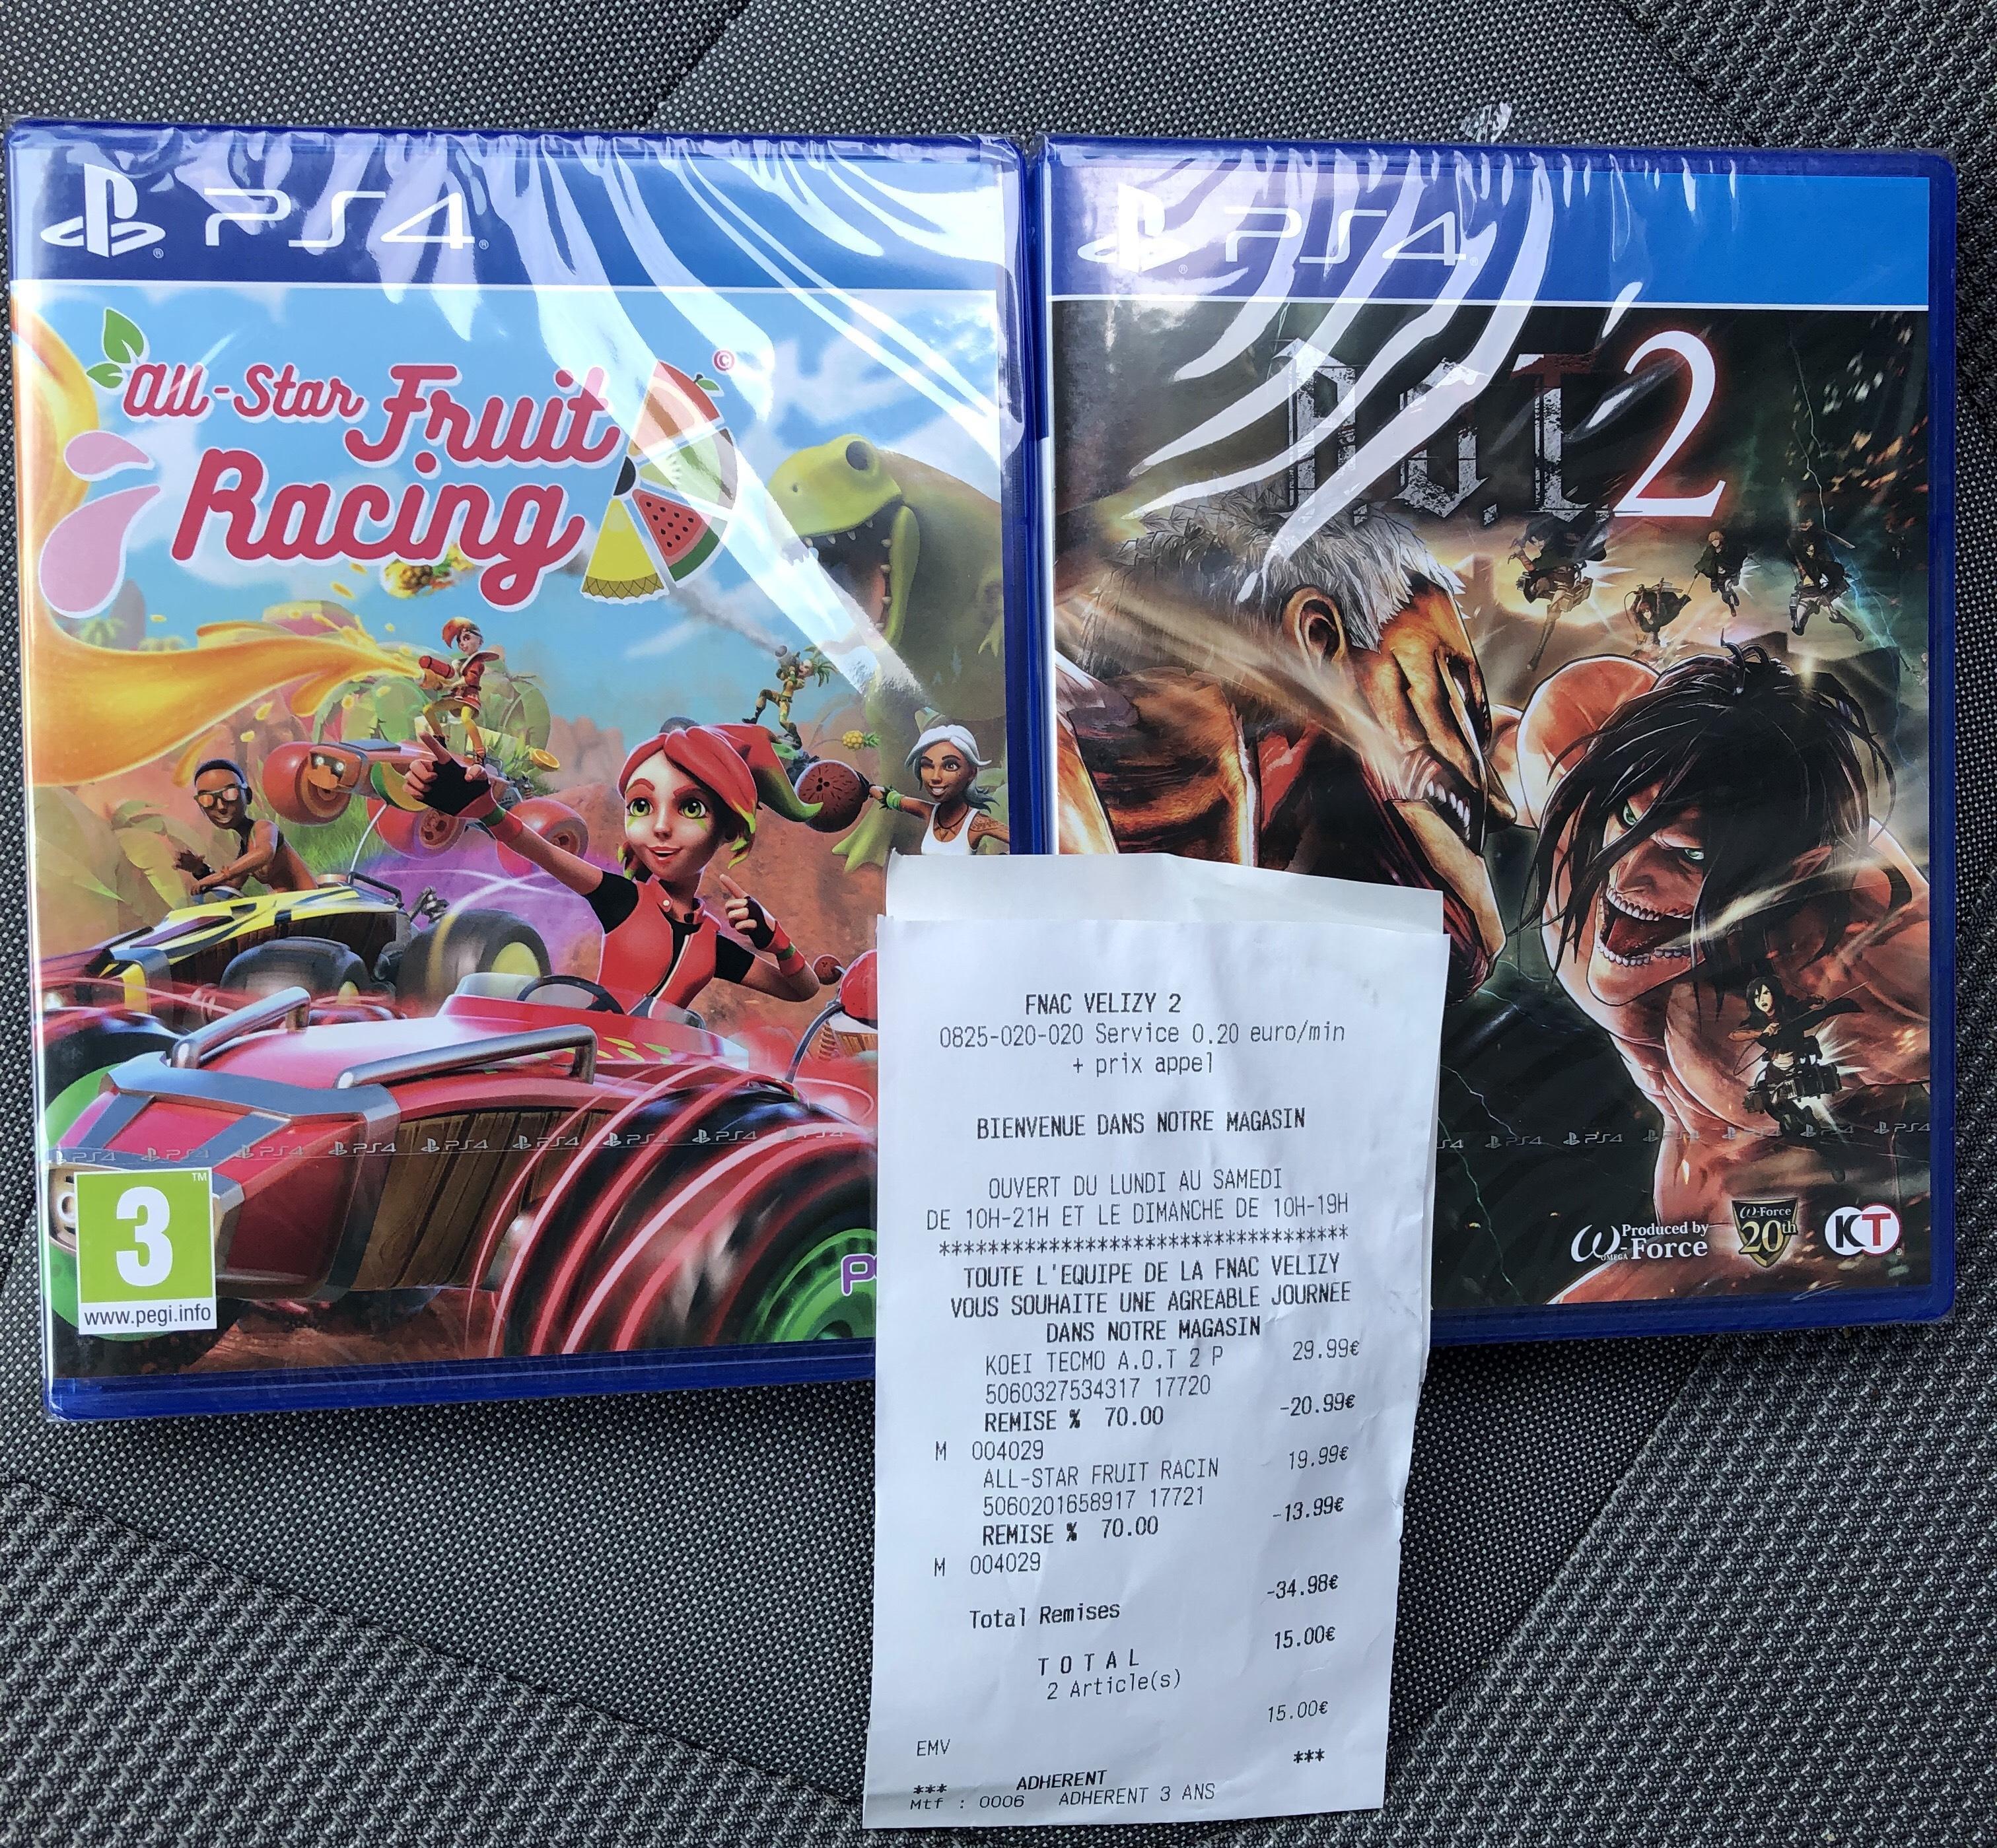 Sélection de jeux vidéo en promotion (Ex: All Star Fruit Racing sur PS4) - Velizy (78)